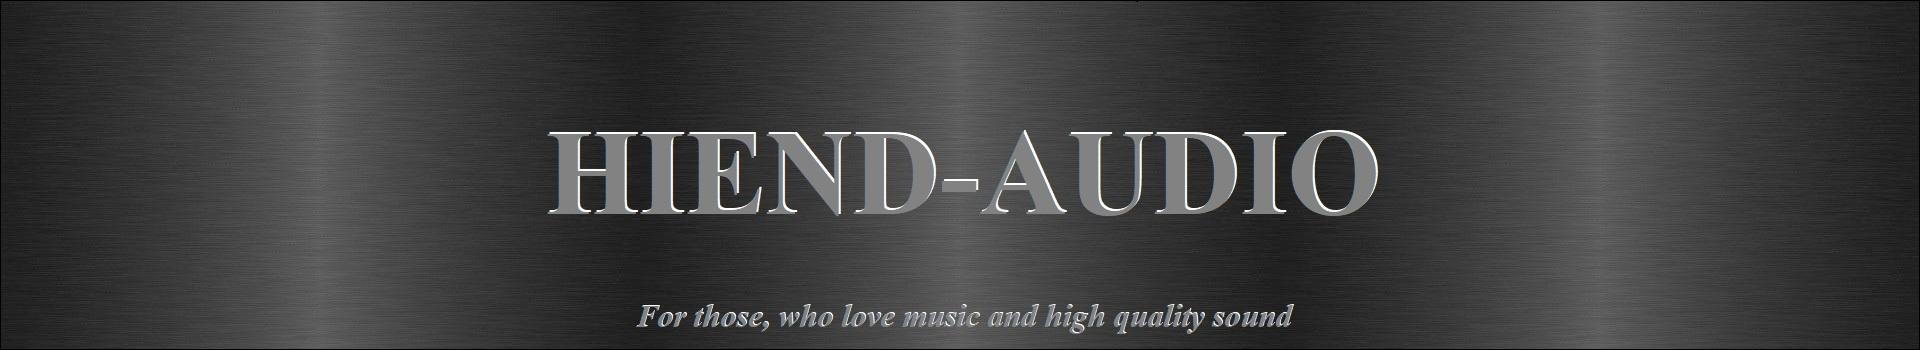 HIEND-AUDIO.-slider.1920x350.1-4